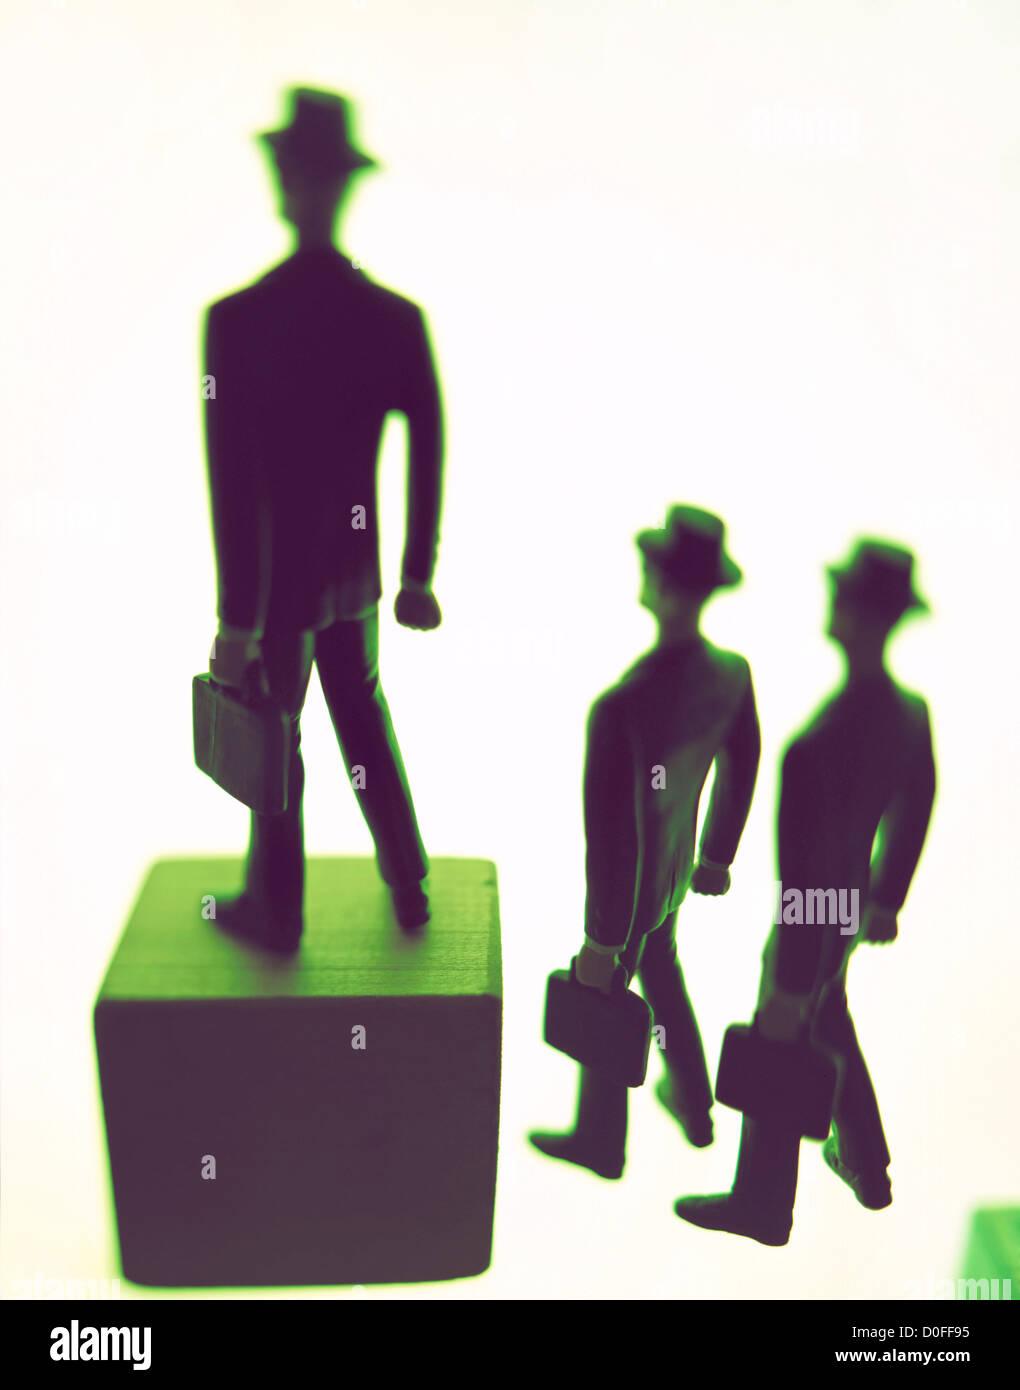 Empresario con maletín intensificando sobre un bloque por encima de 2 hombres en miniatura. ©mak Imagen De Stock